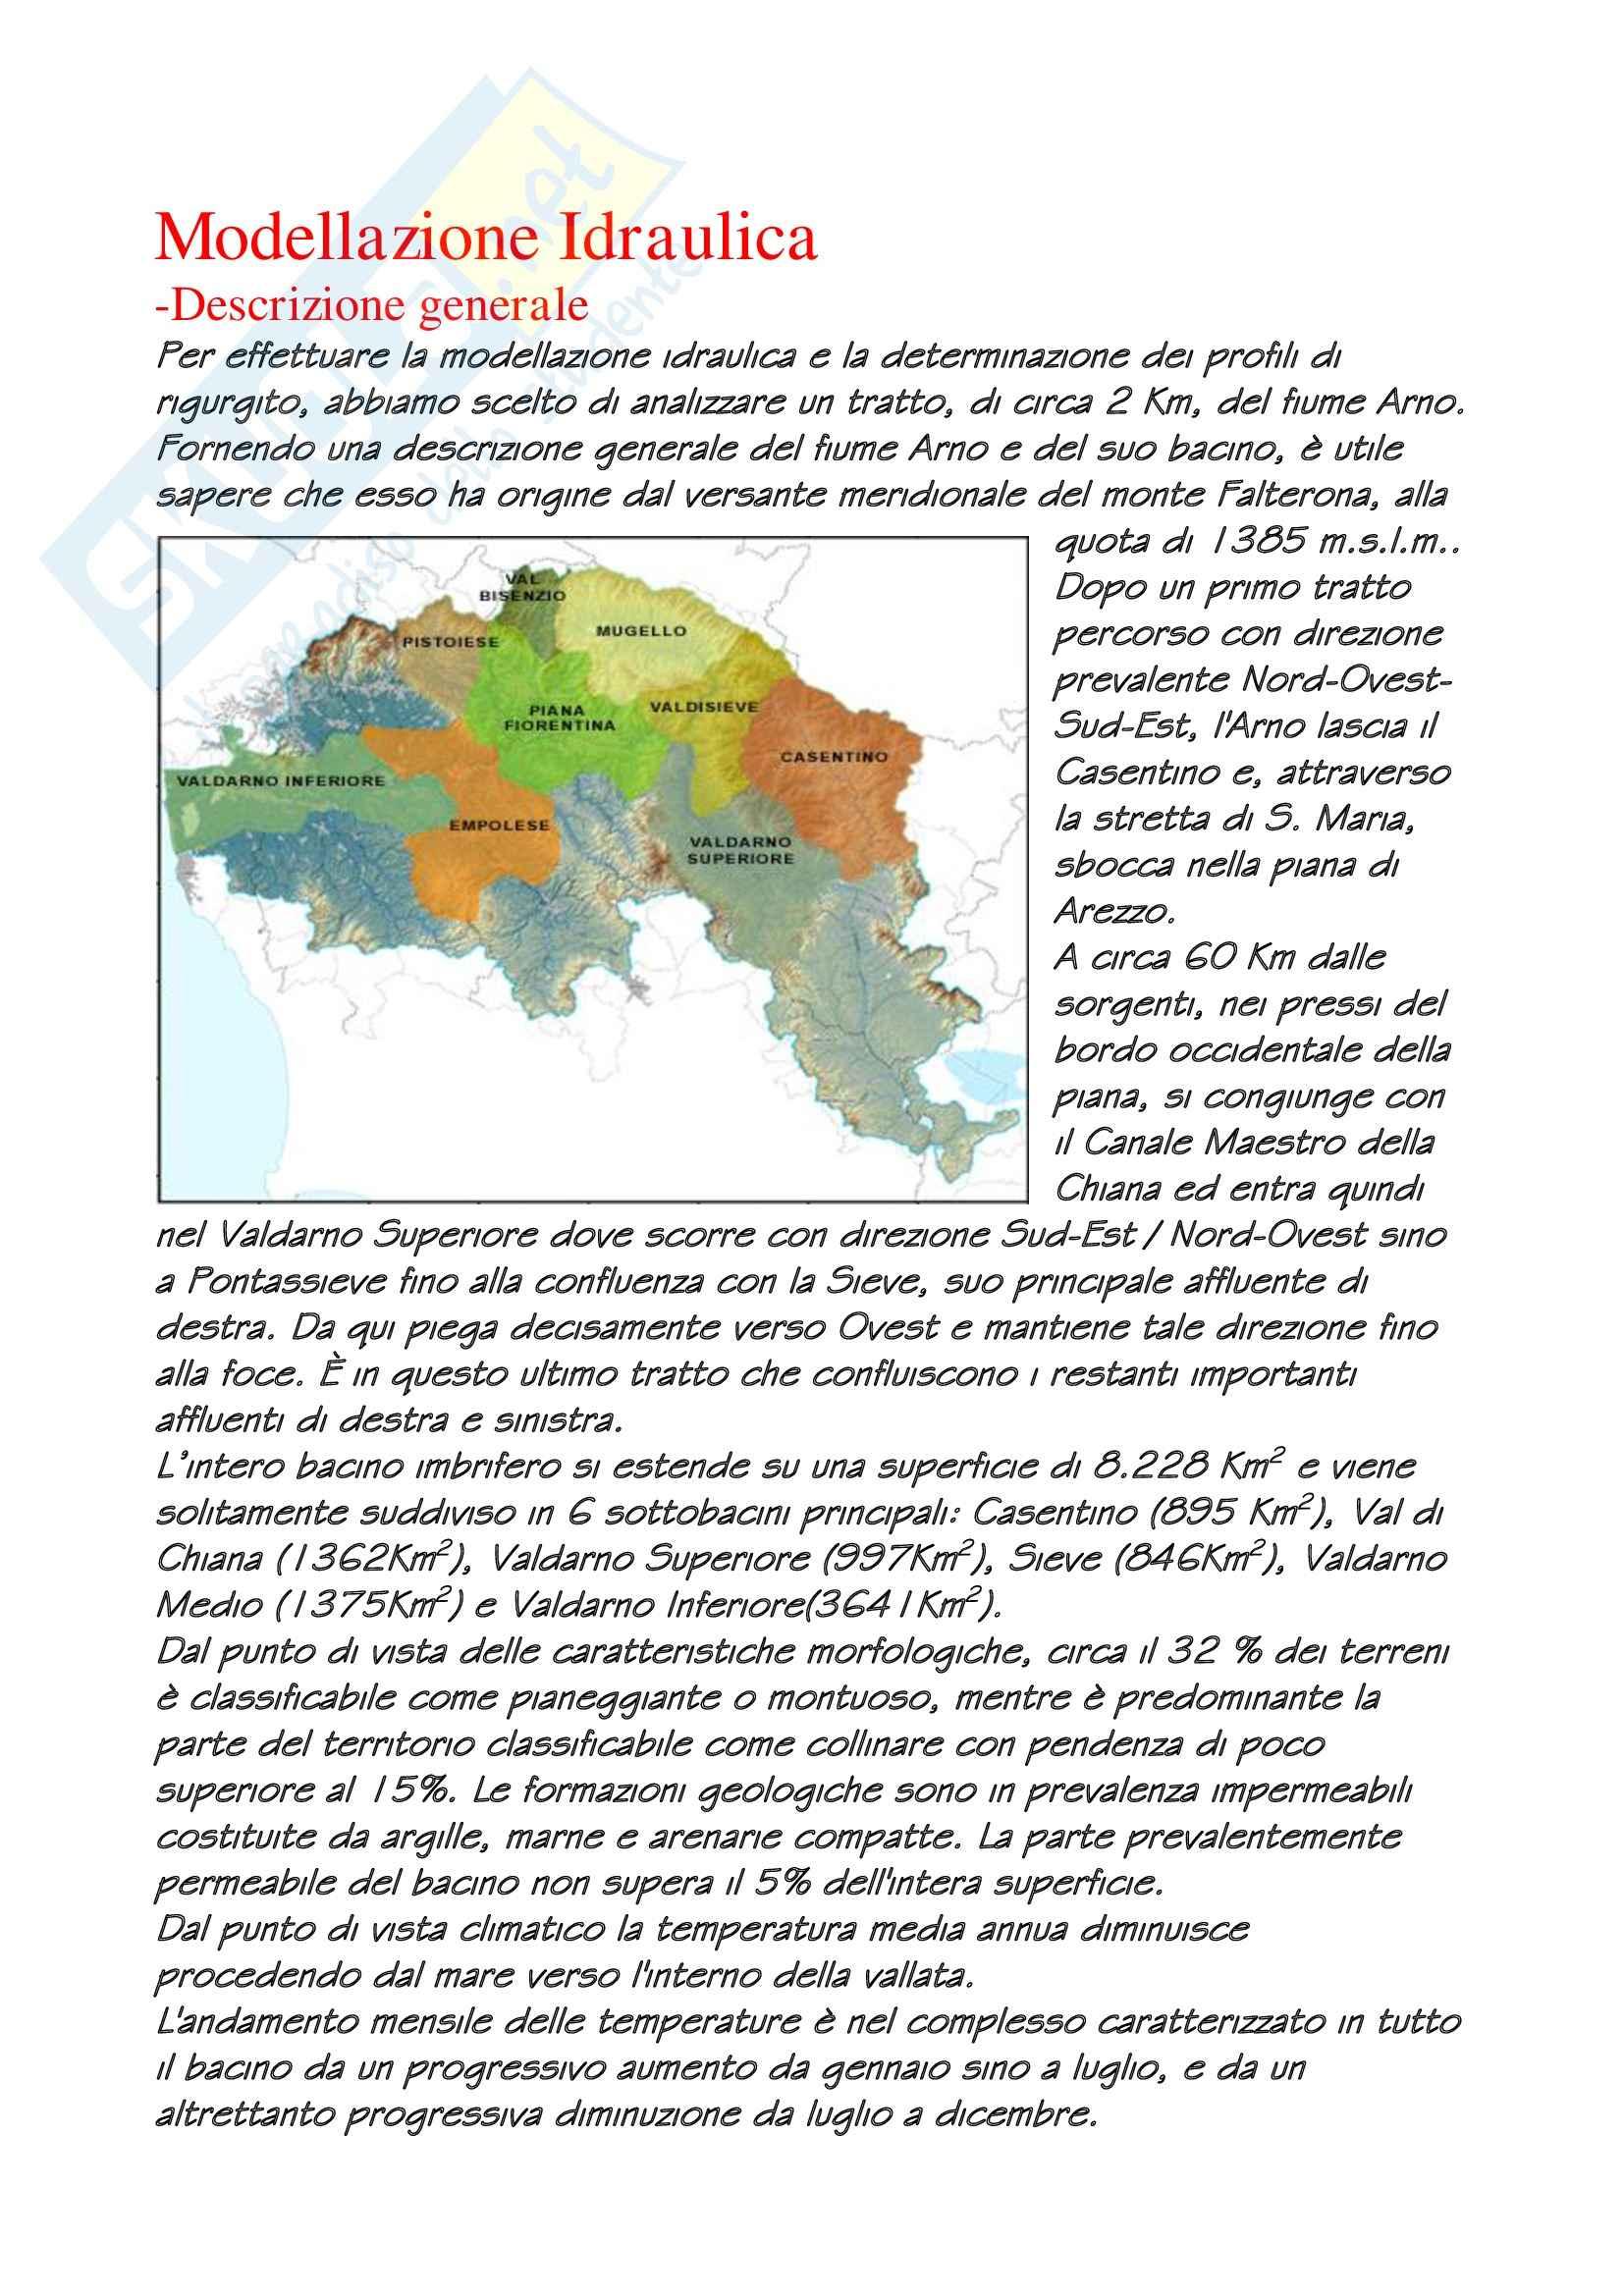 Idrologia e costruzioni idrauliche - Analisi Idraulica Pag. 2